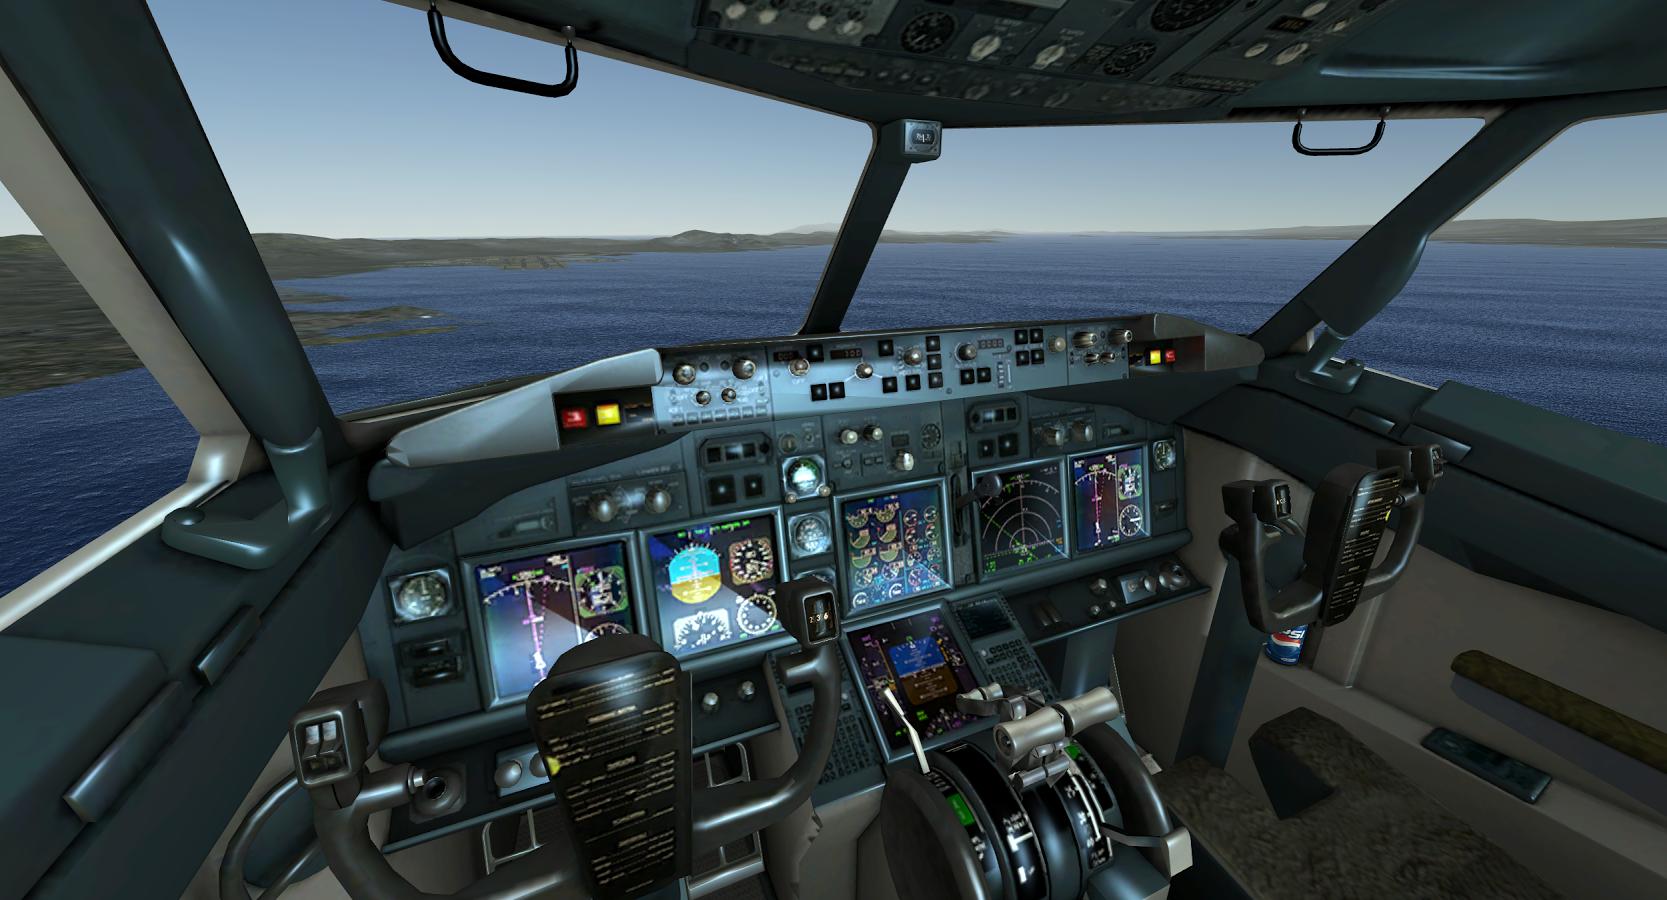 Пилот самолета симулятор скачать торрент